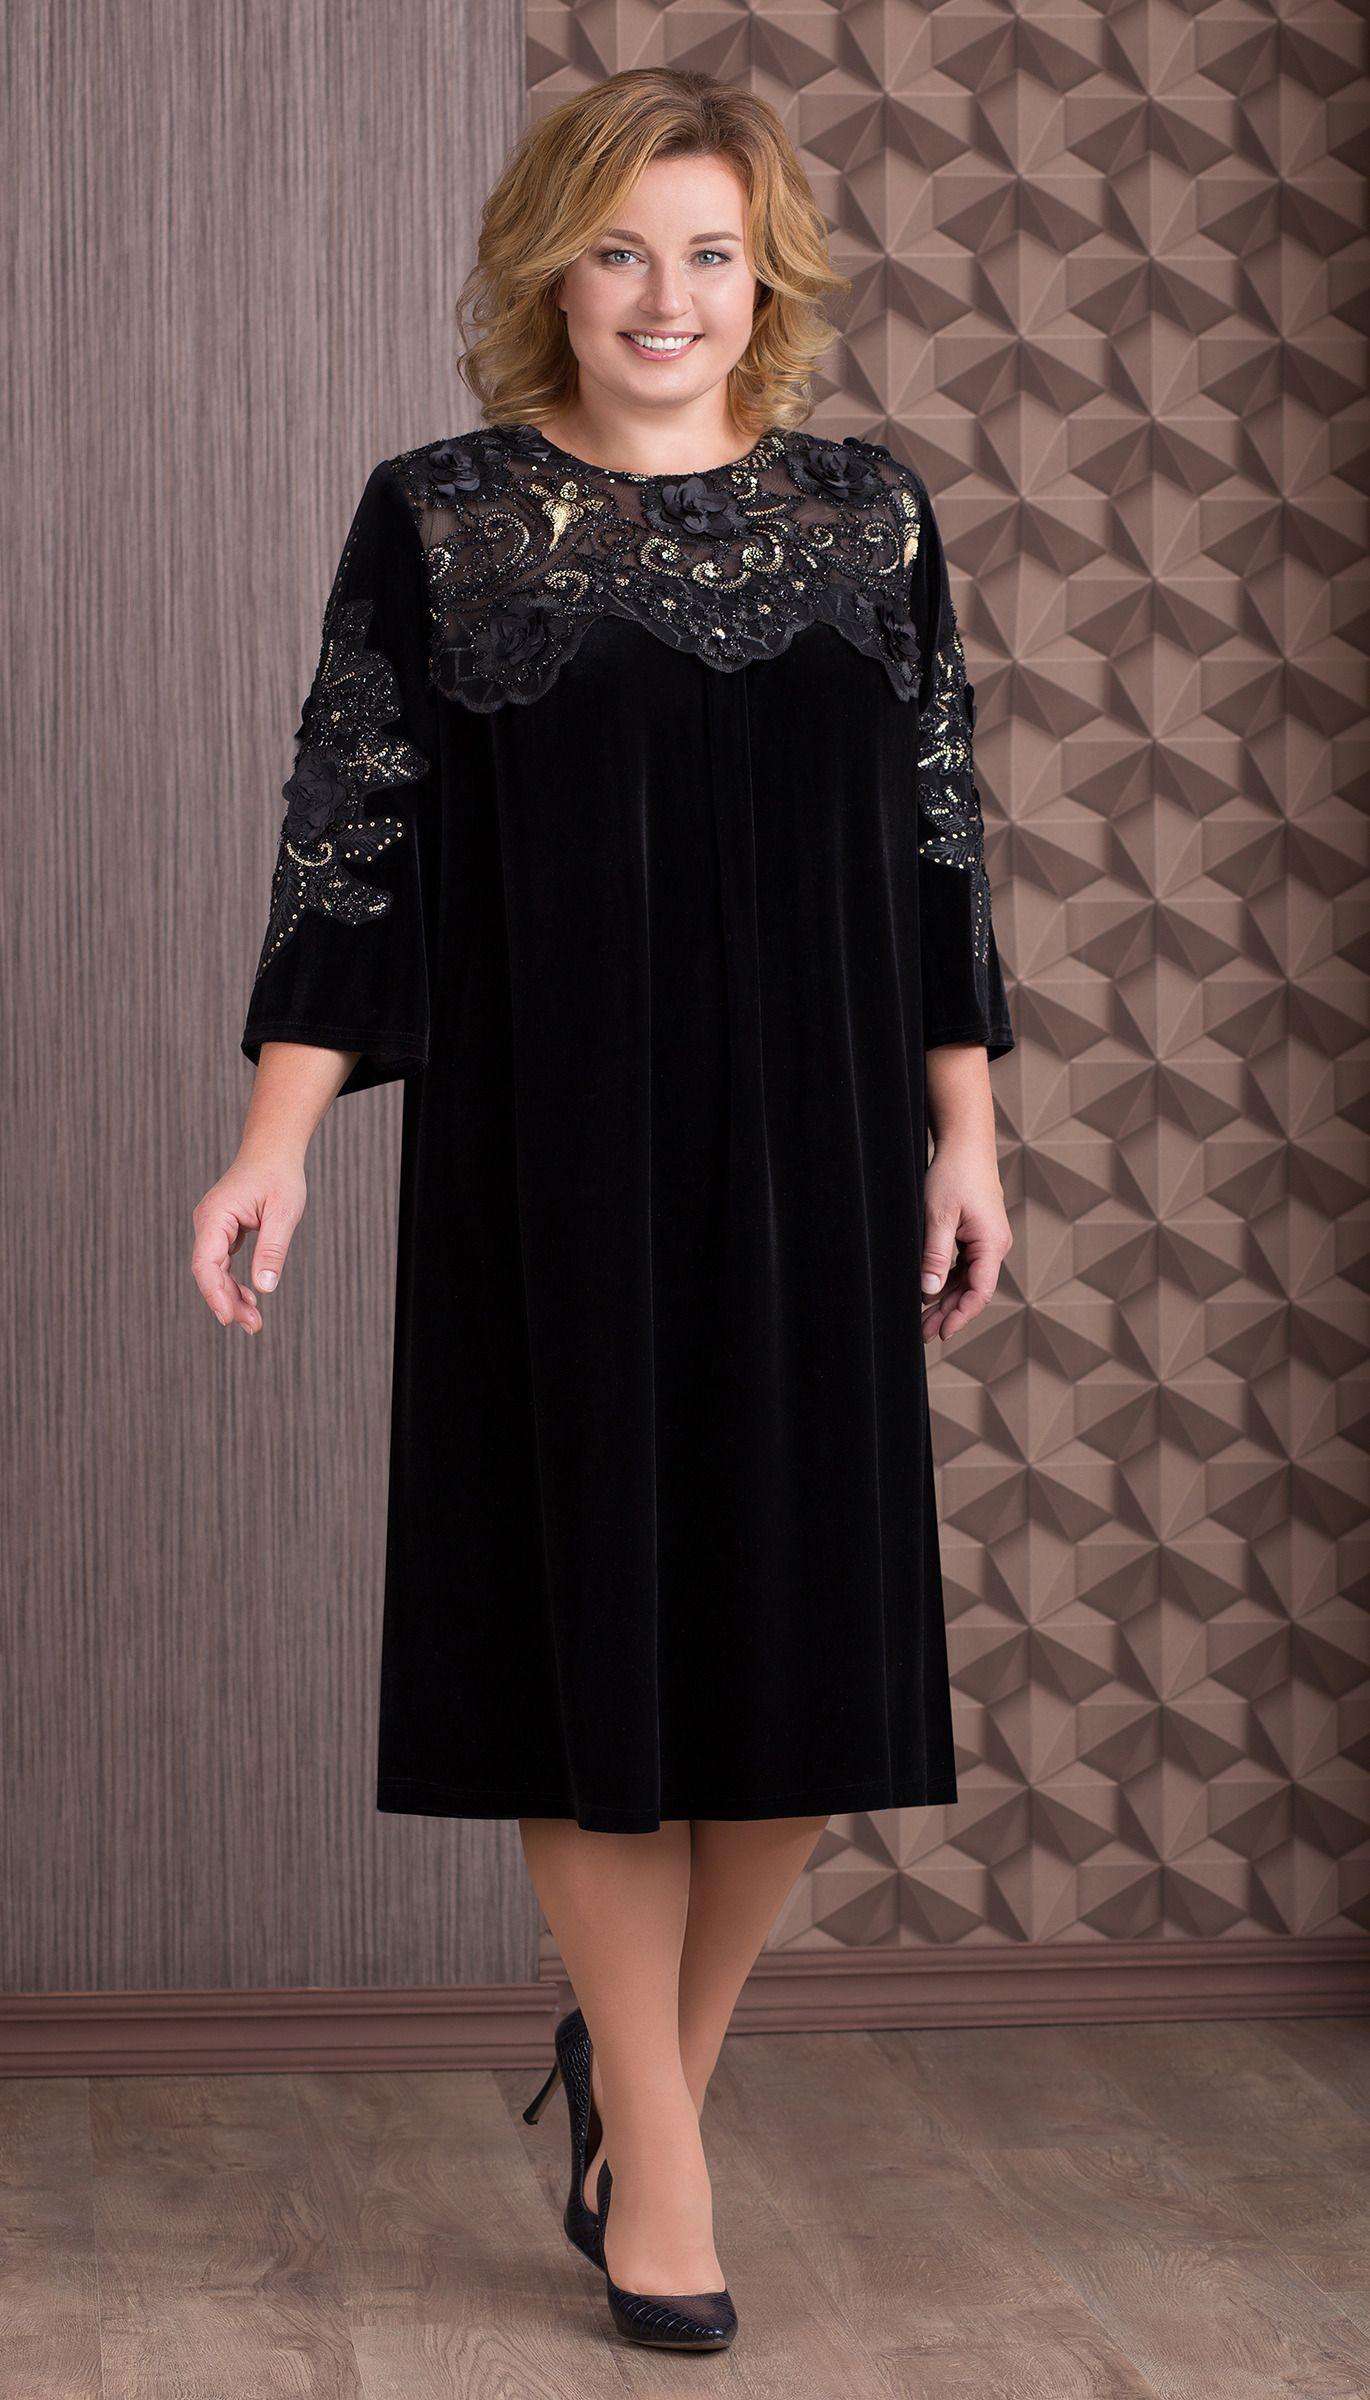 173590a3d22 Для женщин   Одежда   Платья   Черные платья - 79 штук